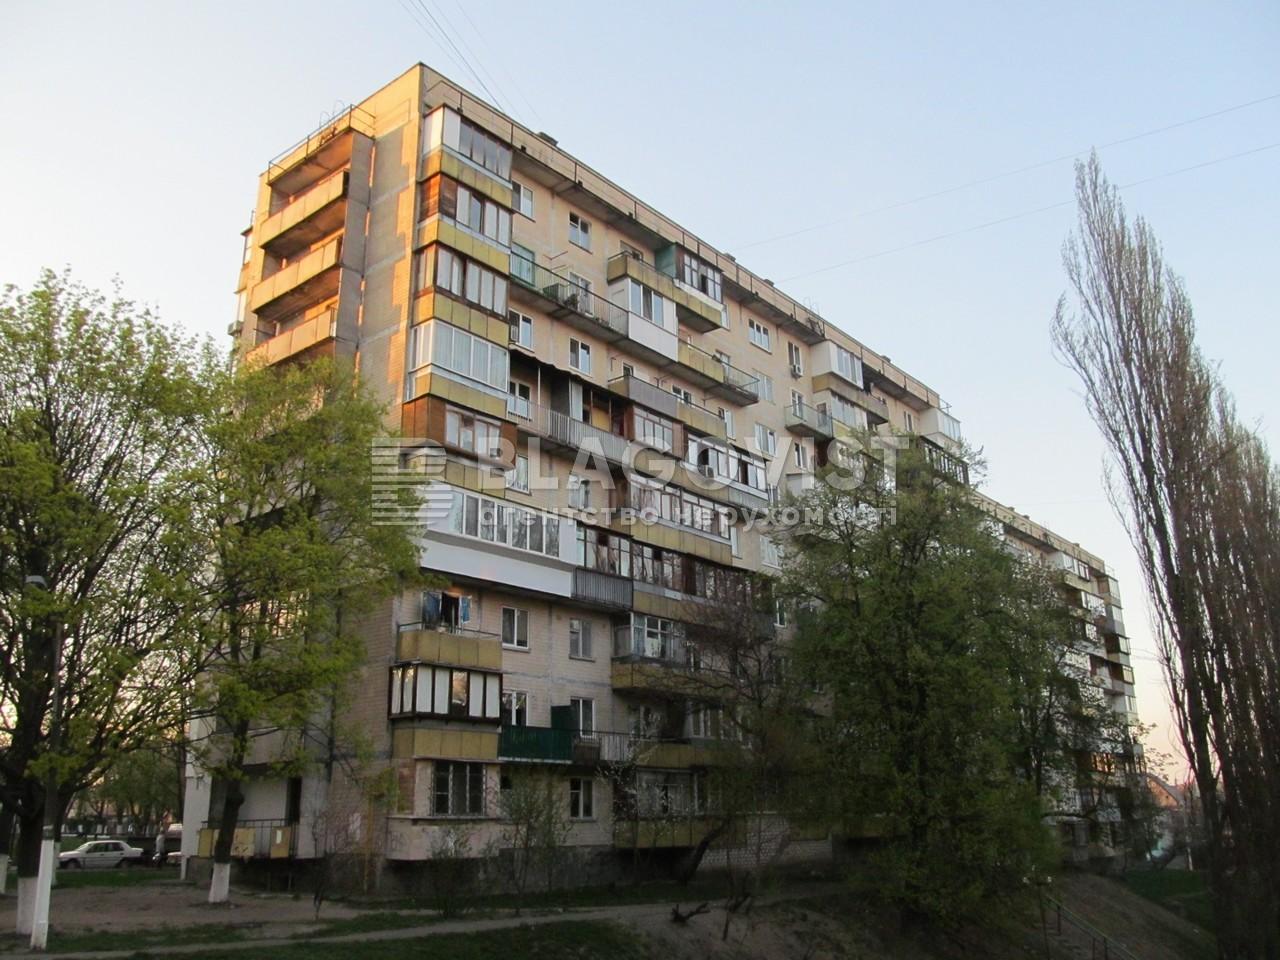 Квартира F-37824, Межевой пер., 5а, Киев - Фото 1